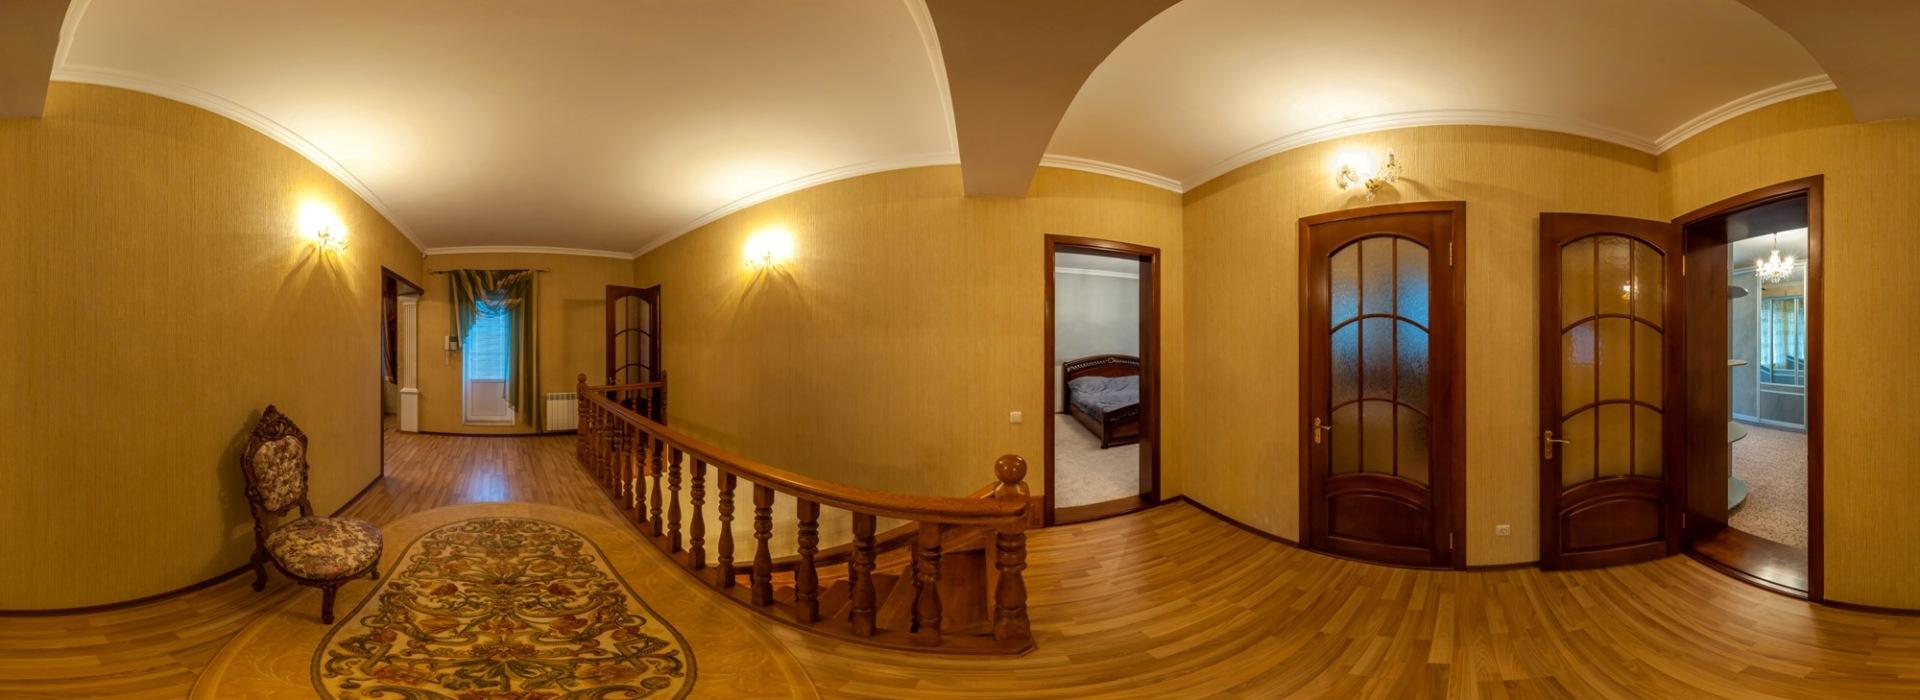 Дом в Херсоне на продажу